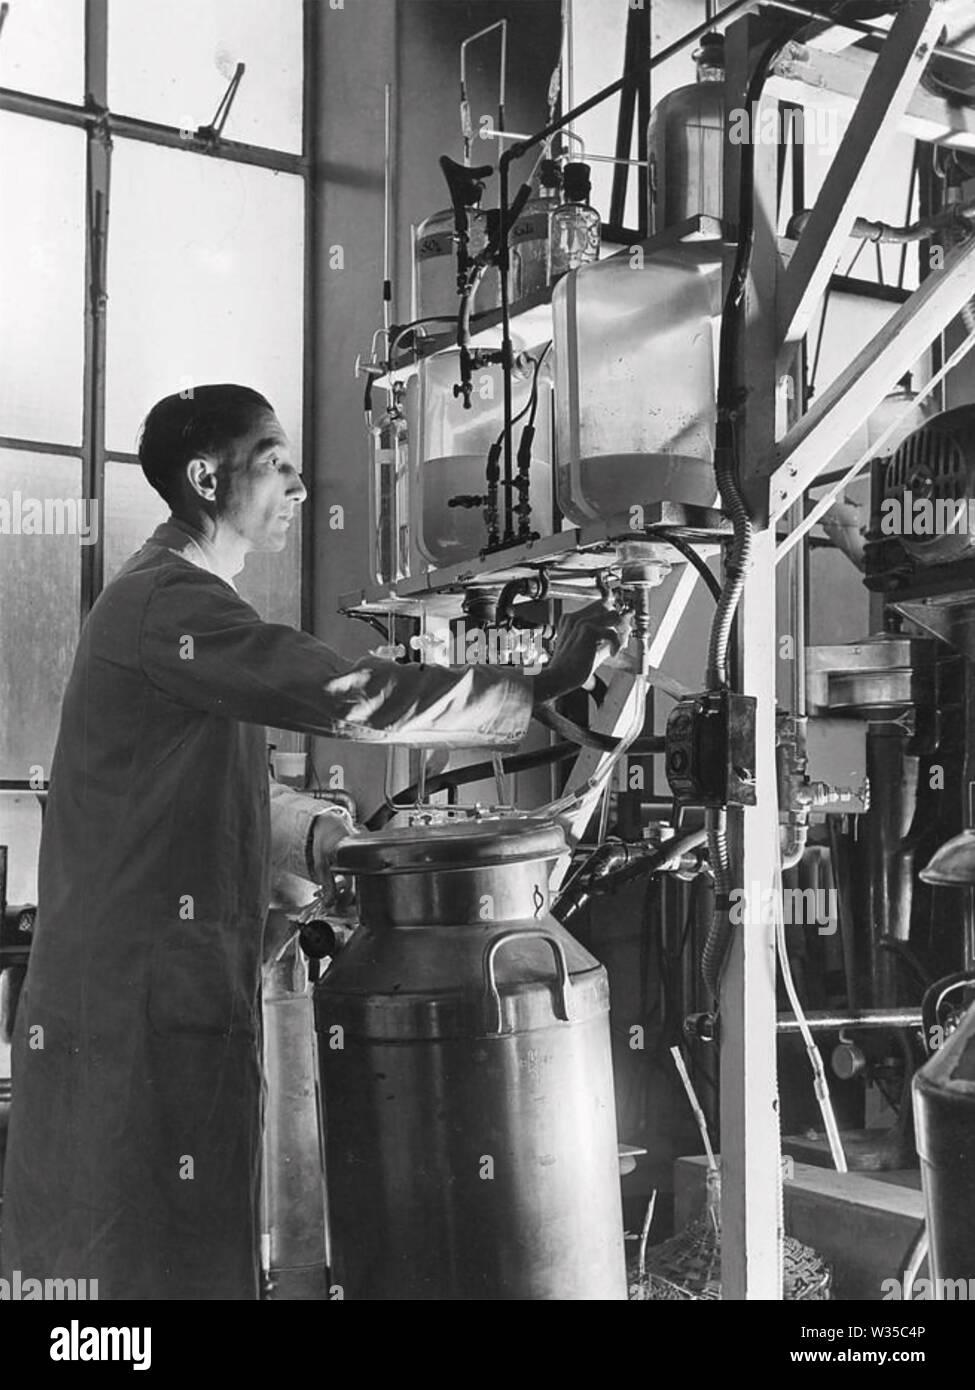 ARTHUR GORDON SANDERS (1908-1980) operante la penicillina impianto di estrazione lanciato da Howard Florey, Ernest catena e Alexander Fleming Foto Stock